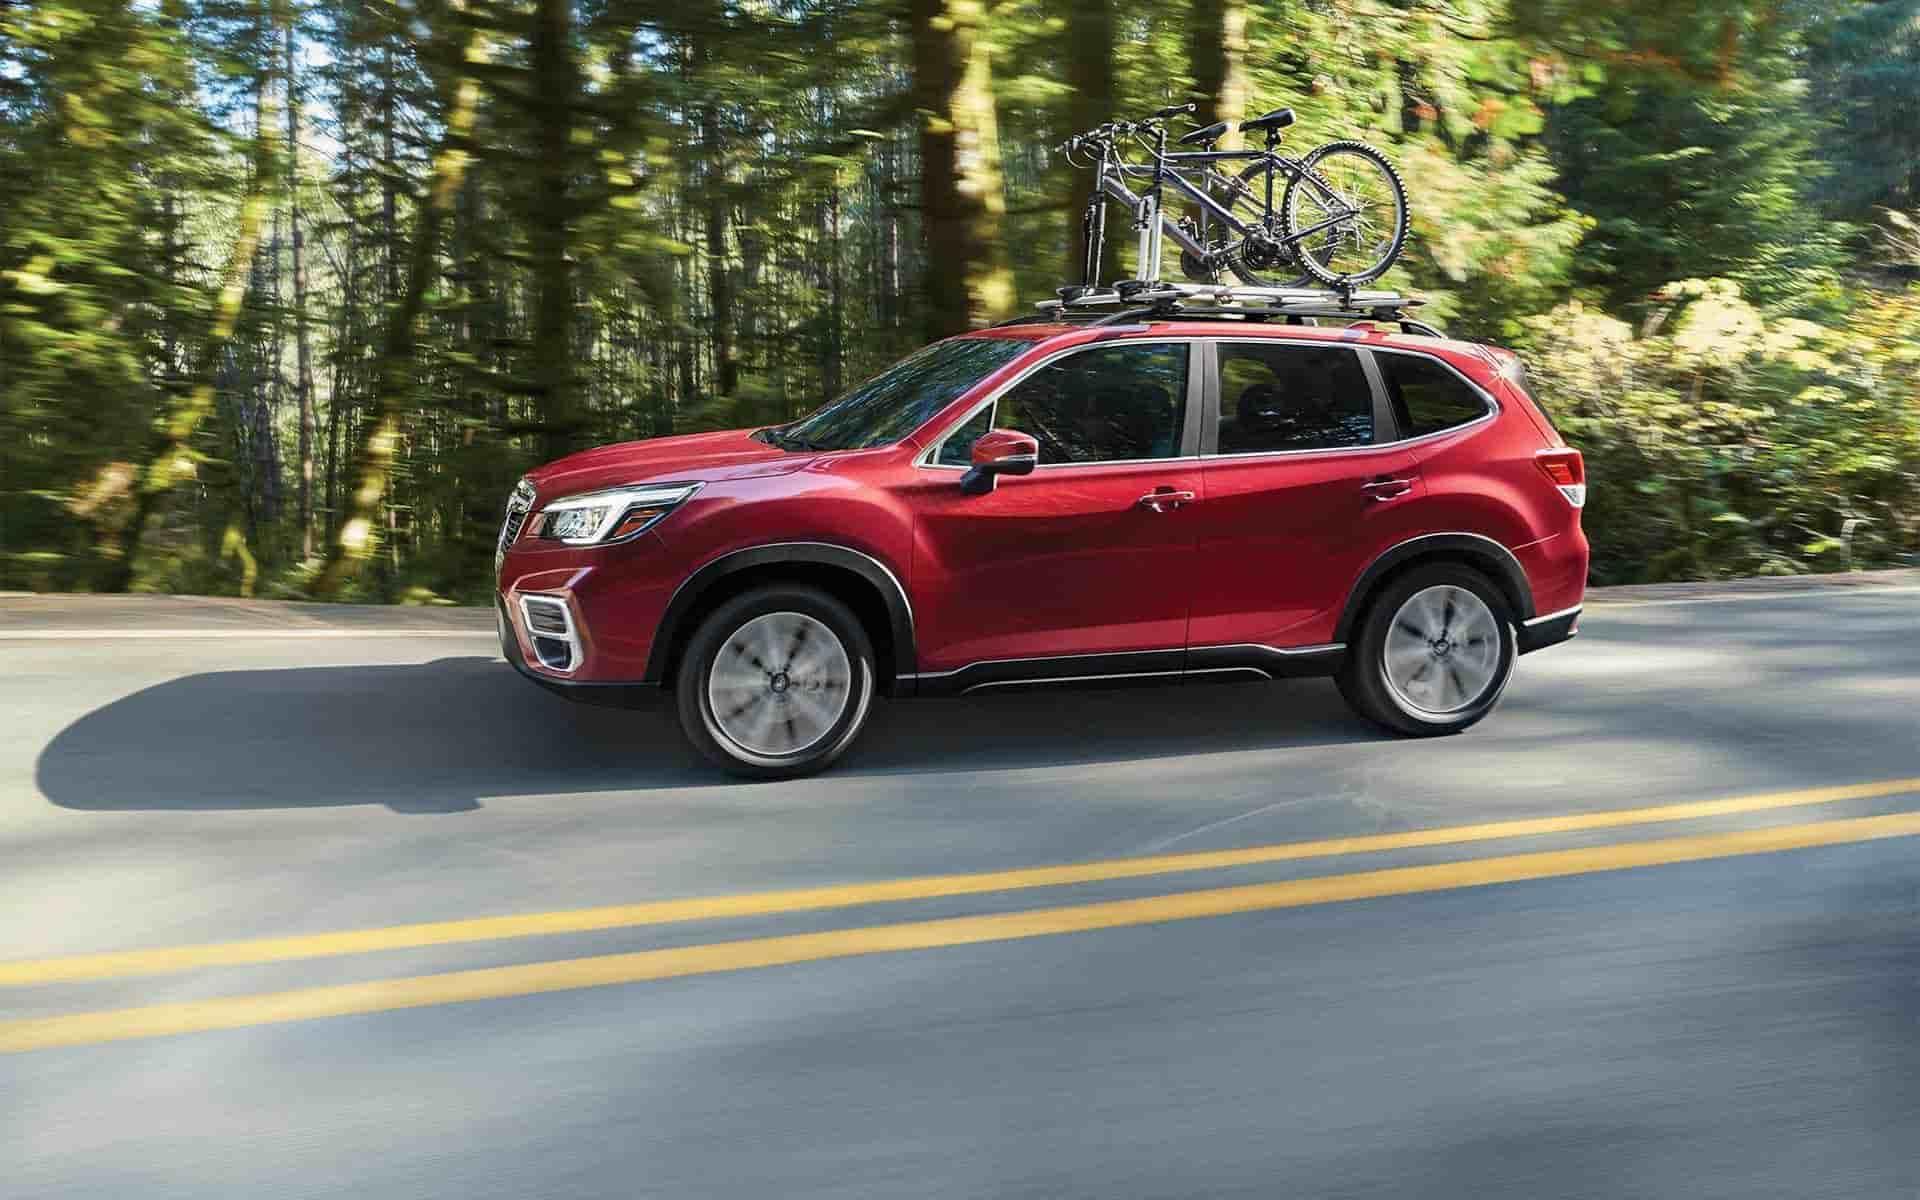 Research the 2020 Subaru Forester near Eldorado Springs CO